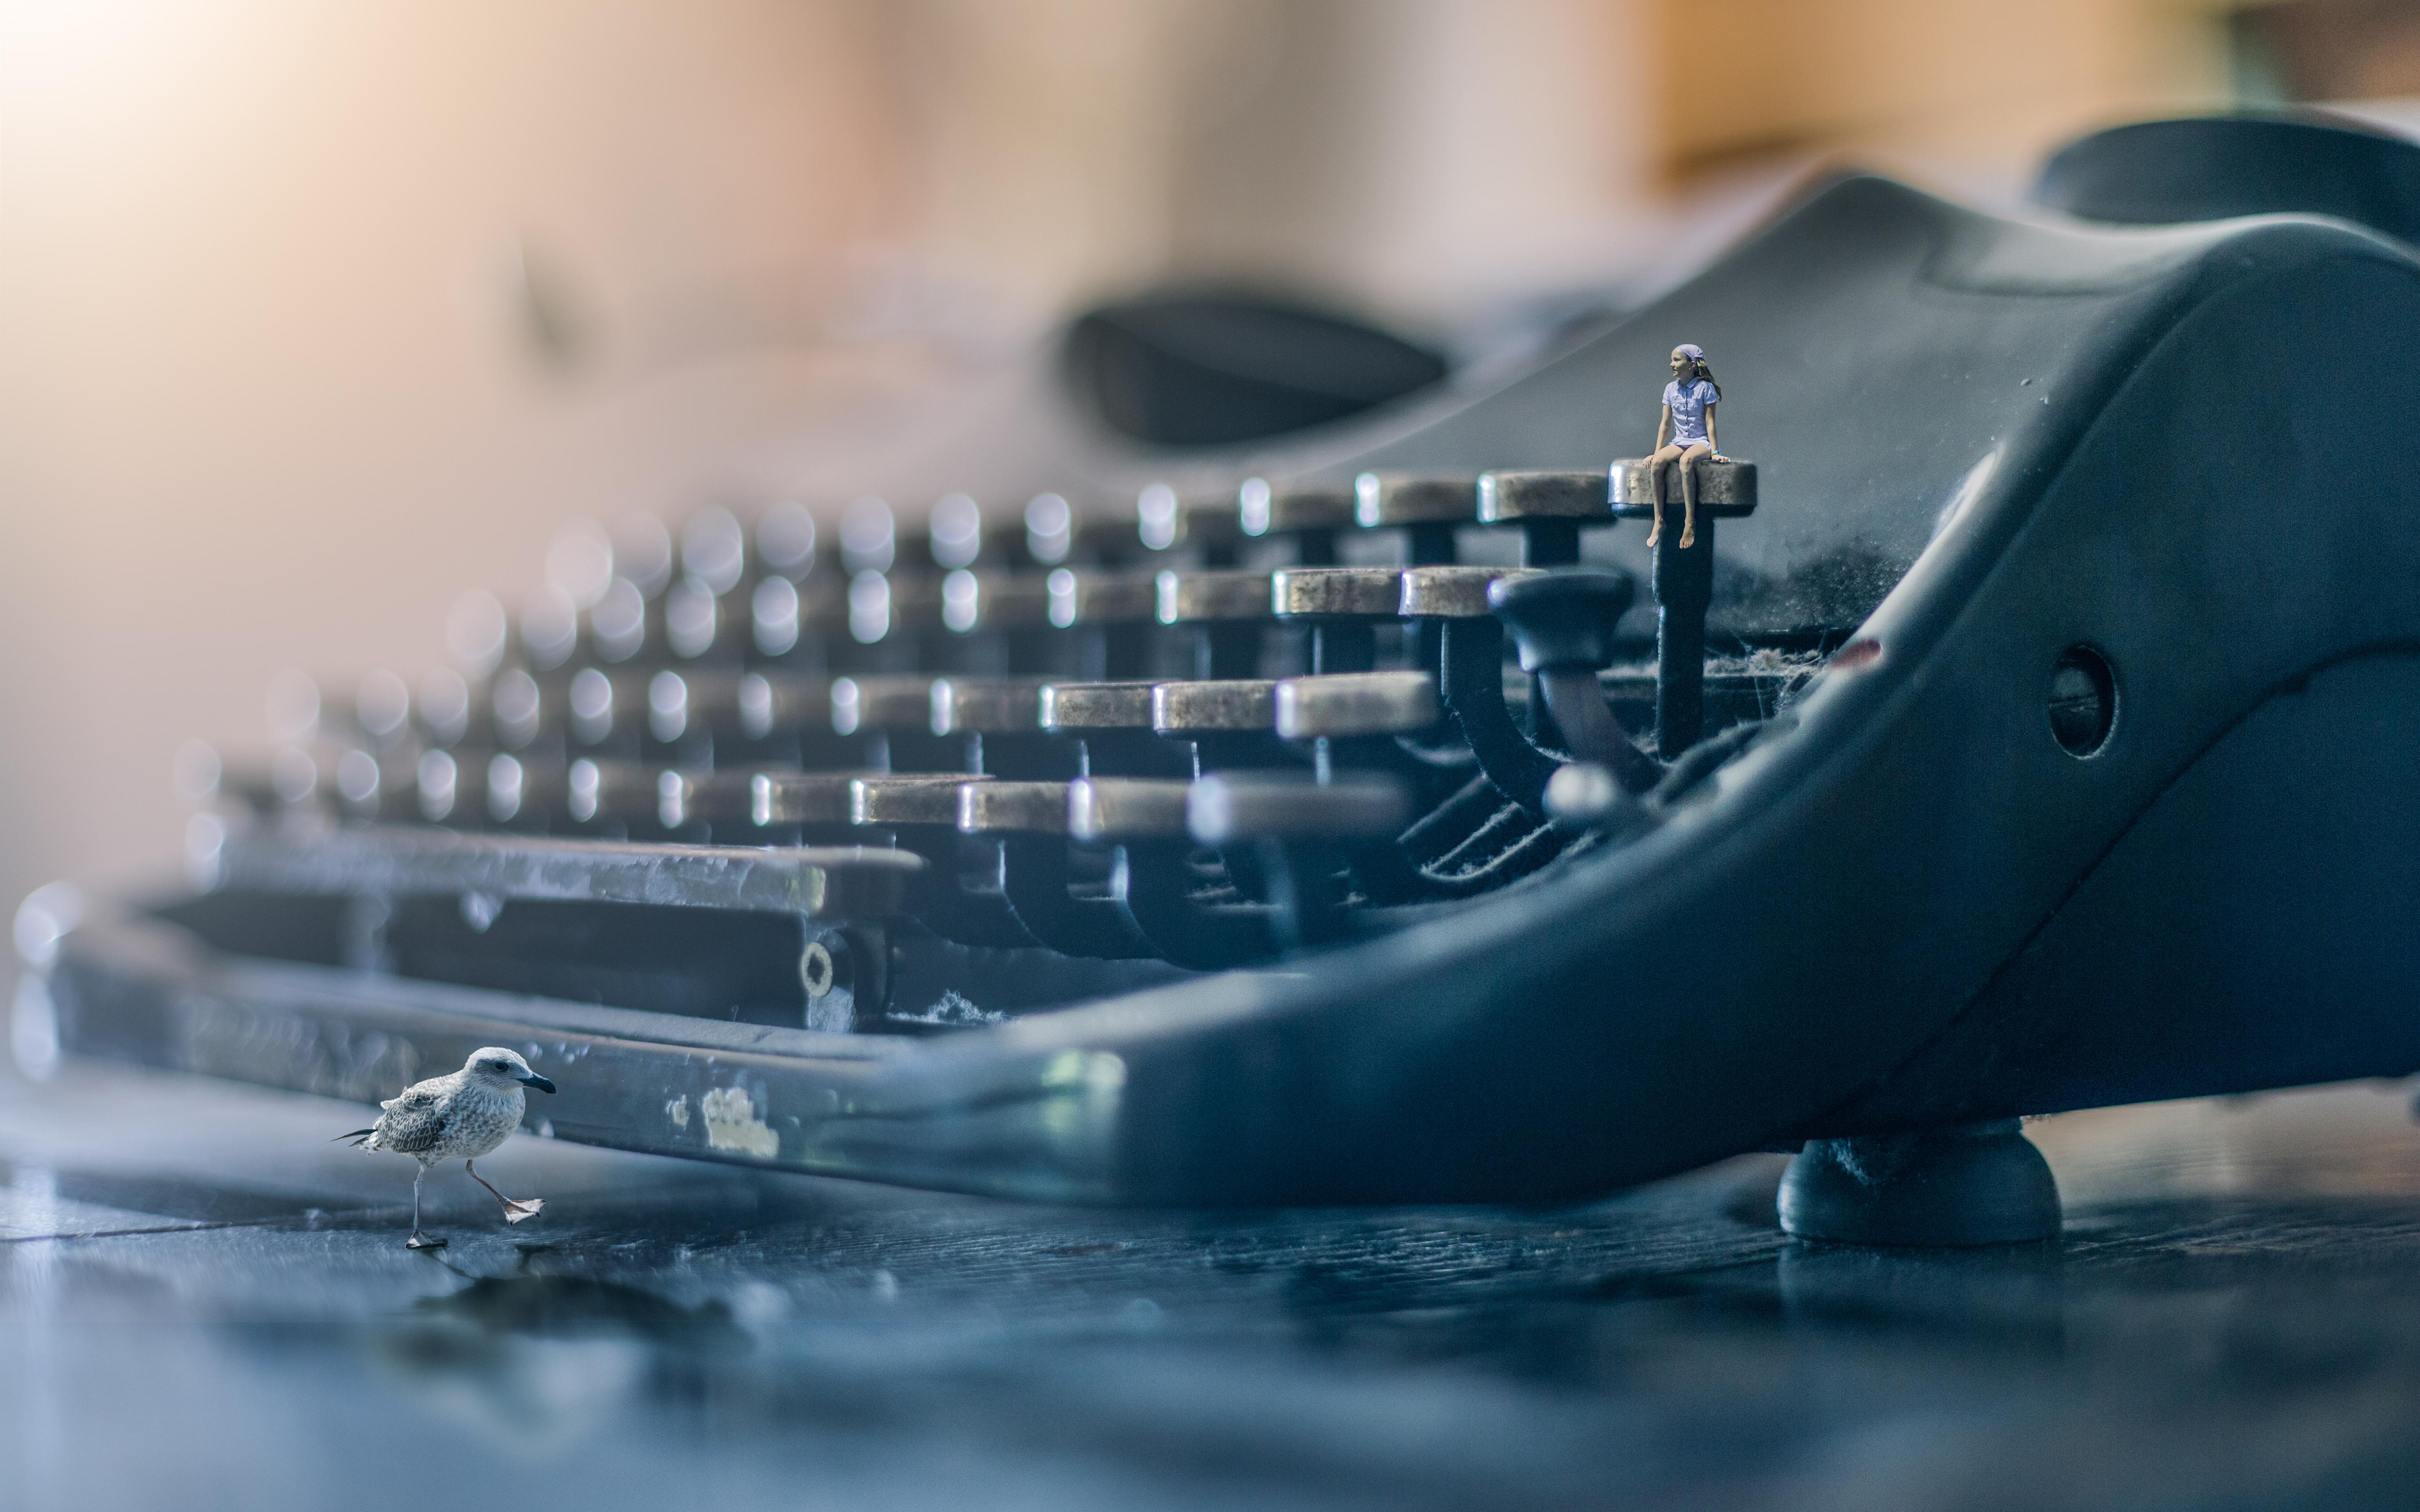 Bird Bokeh Girl Typewriter 5472x3420